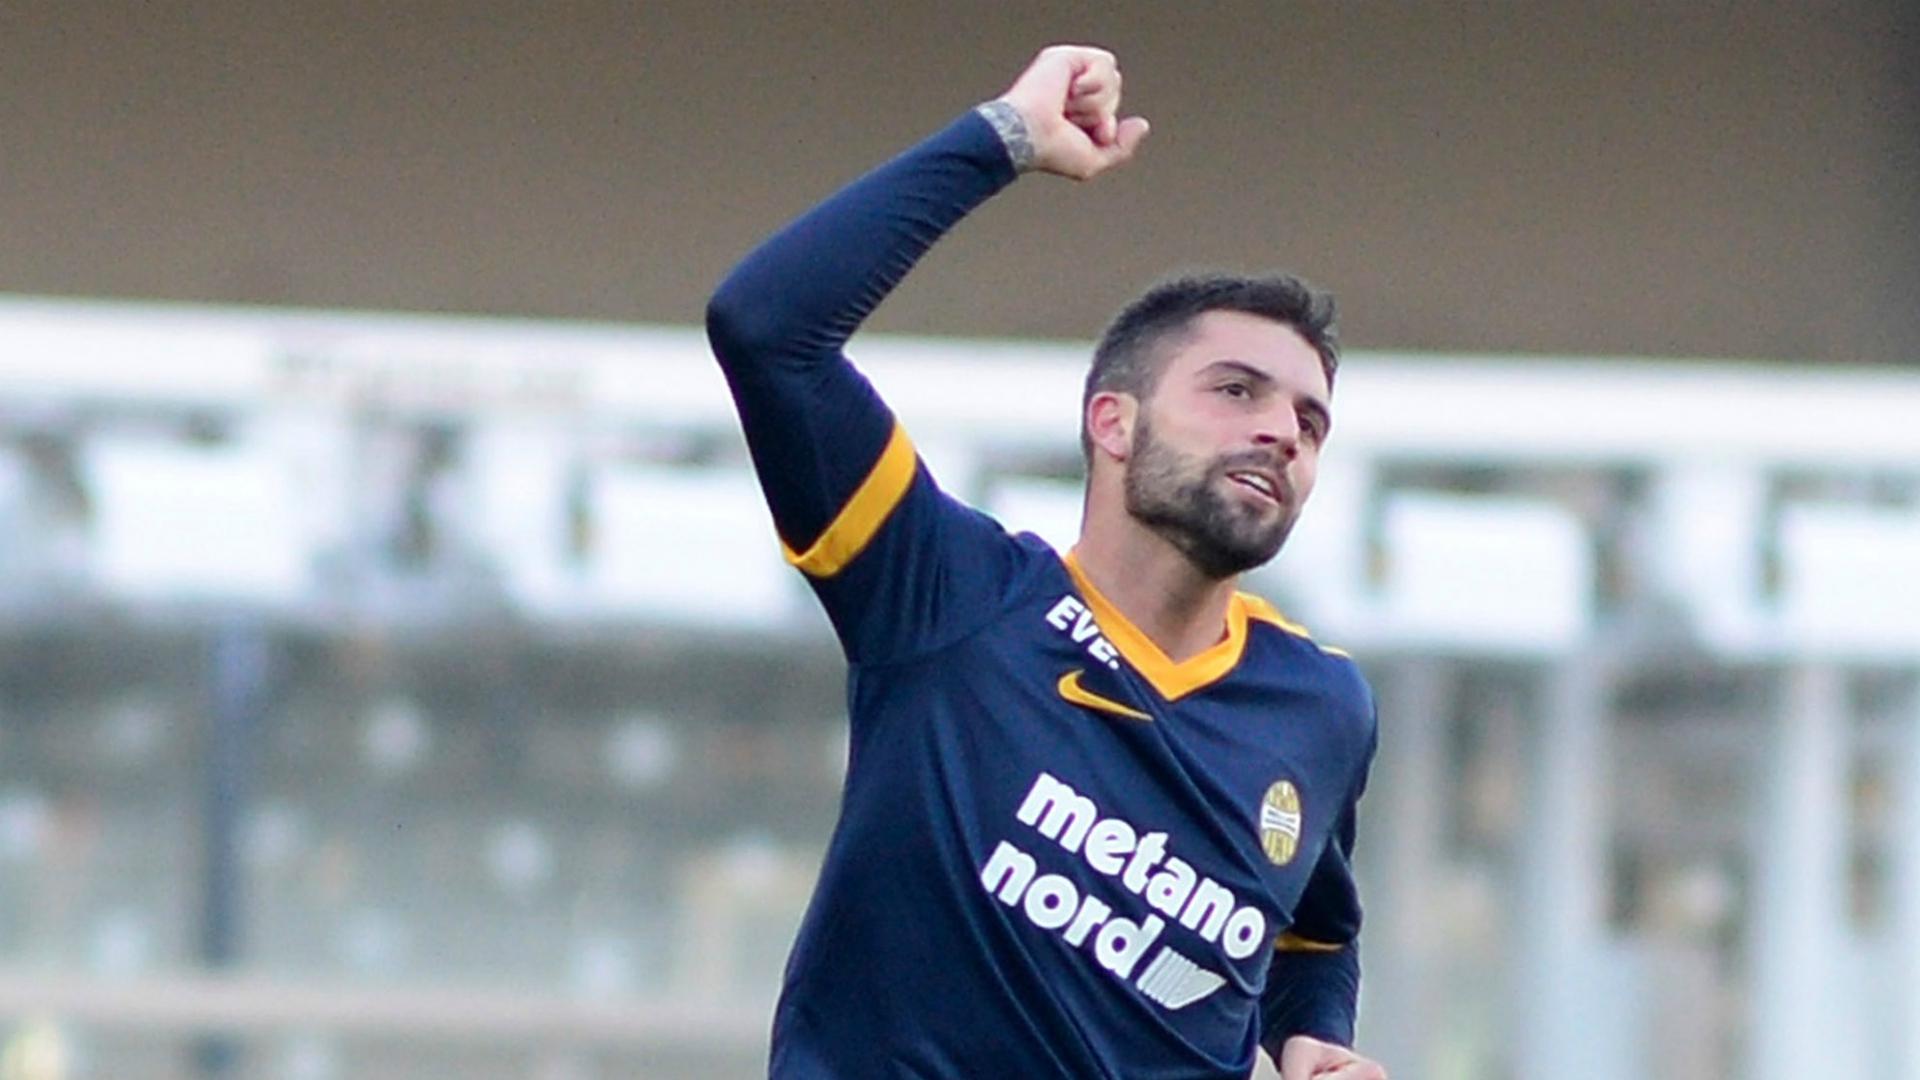 Verona-Fiorentina, le formazioni ufficiali: Bessa dal 1′, out Zaccagni e Castrovilli